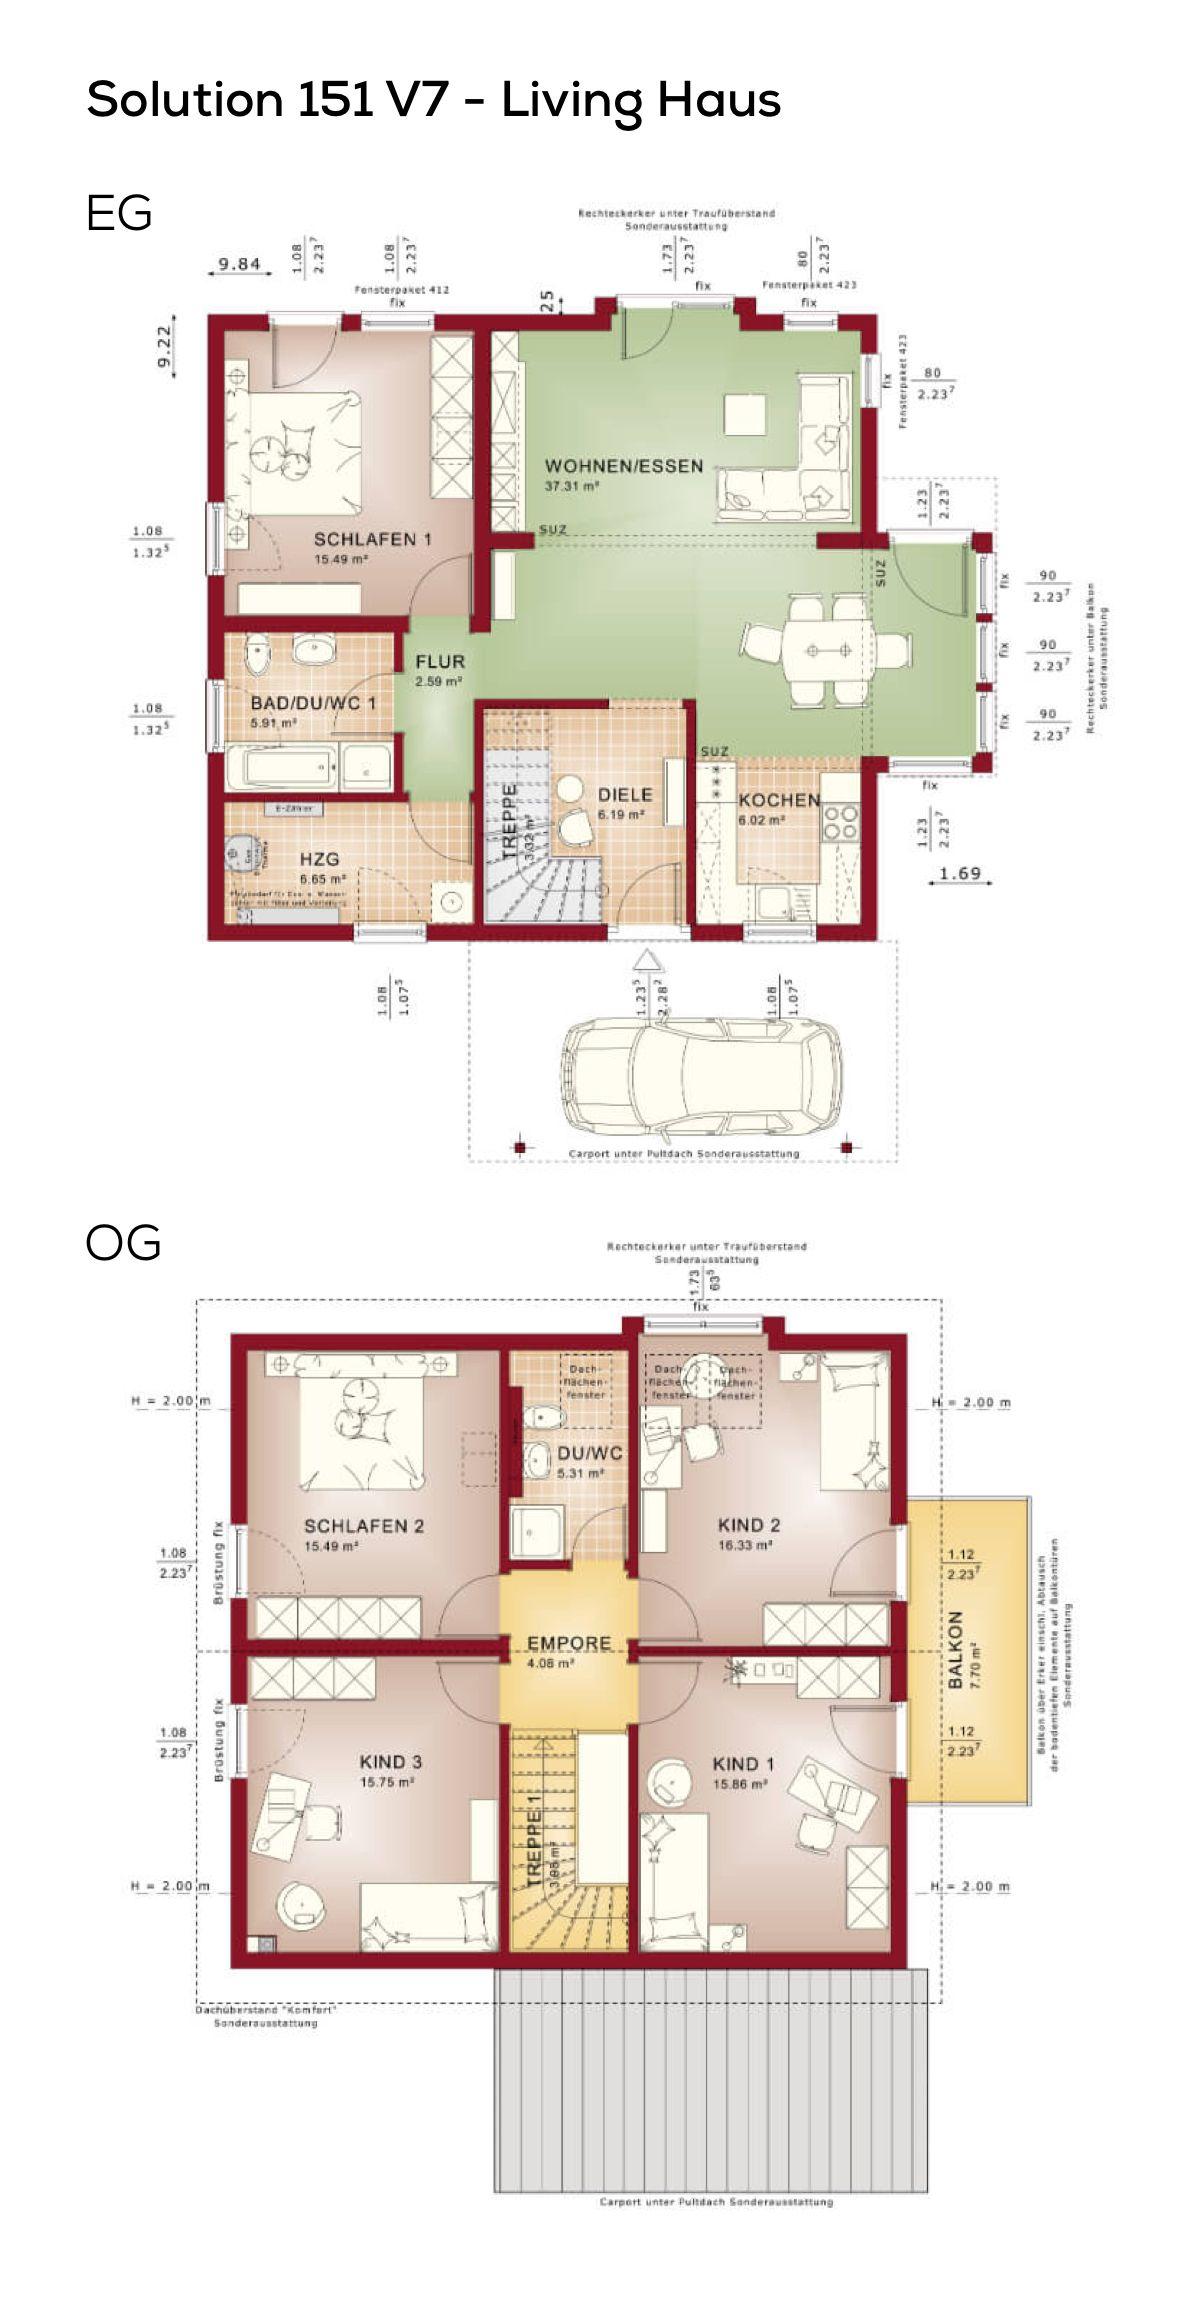 Grundriss Einfamilienhaus mit Satteldach - 6 Zimmer, 150 qm ...